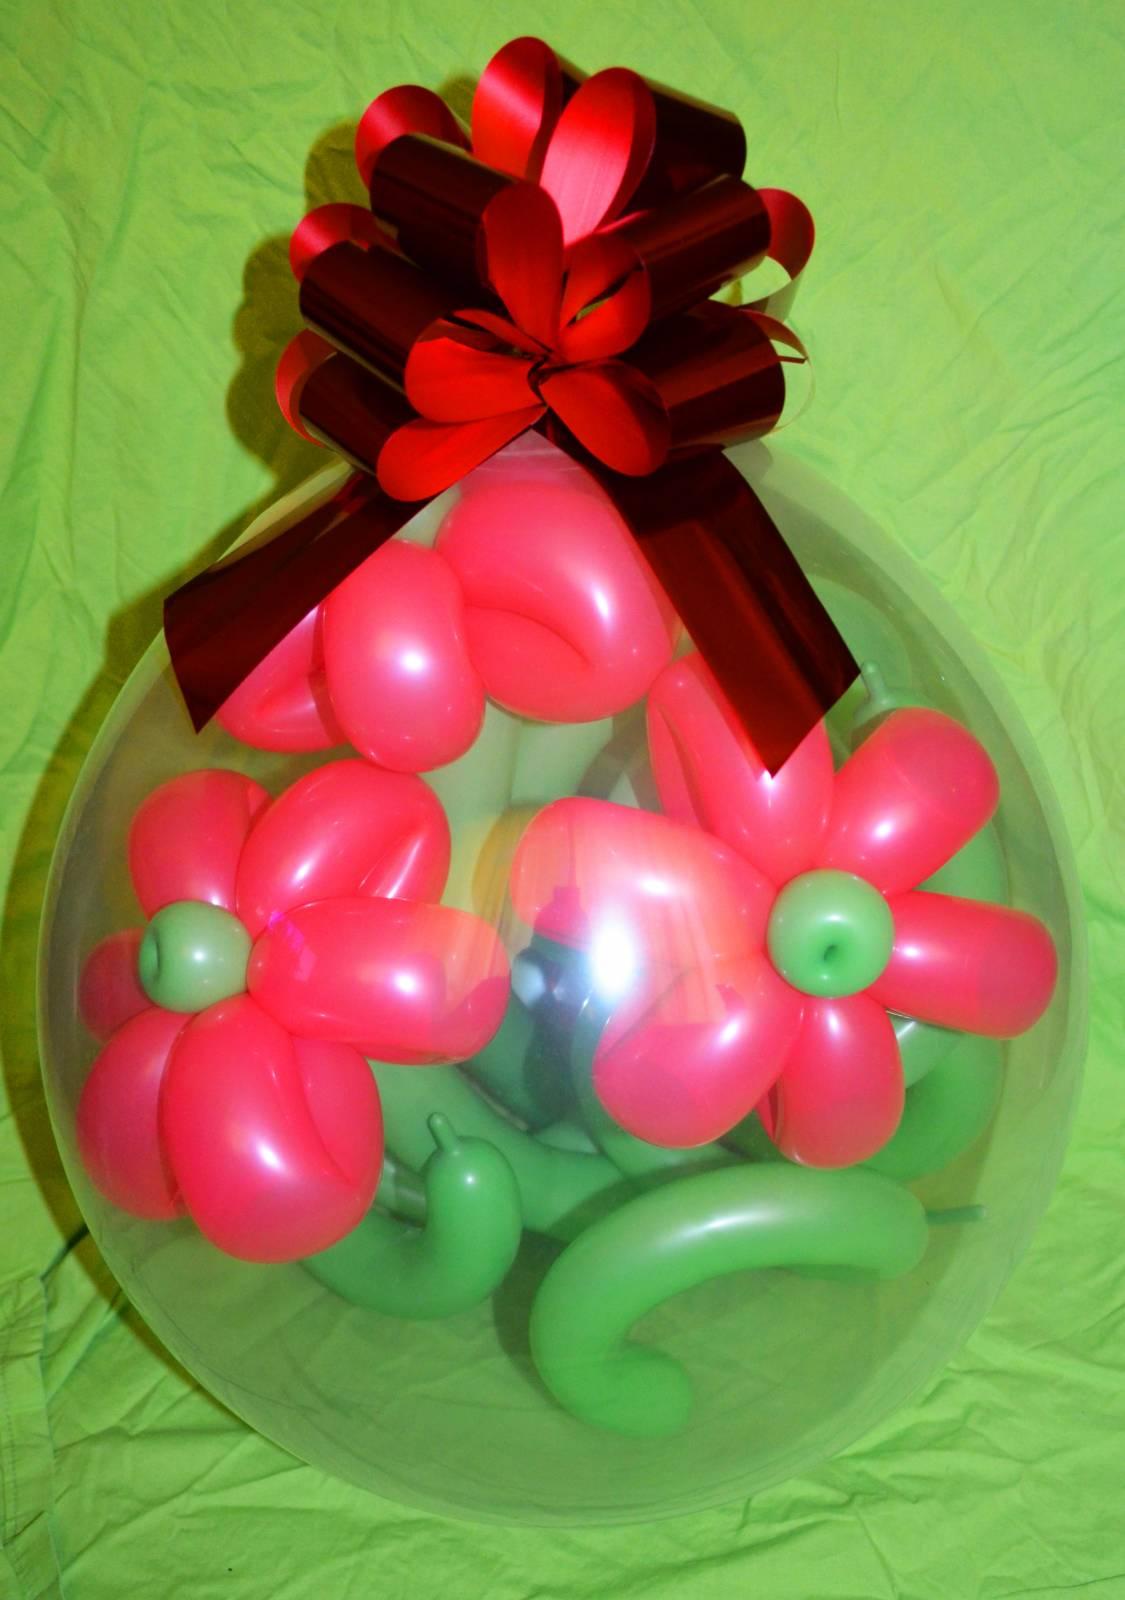 Фото подарки из воздушных шаров 42